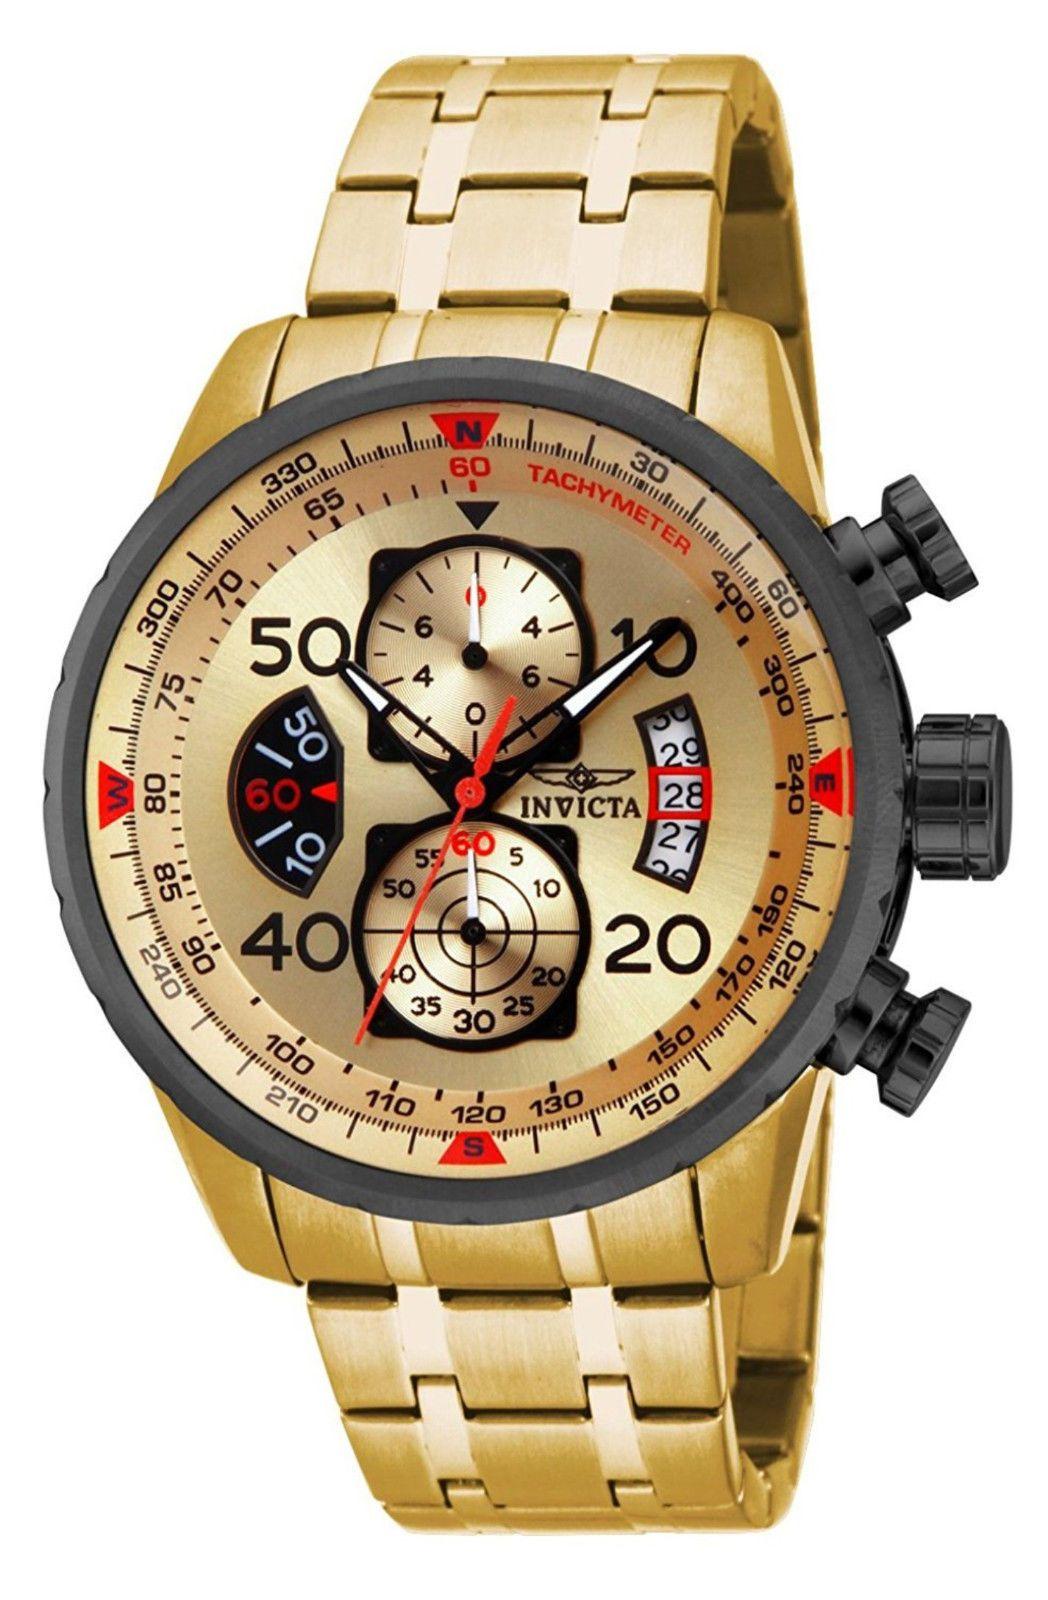 Reloj Invicta Hombre  4c7ffe89a23